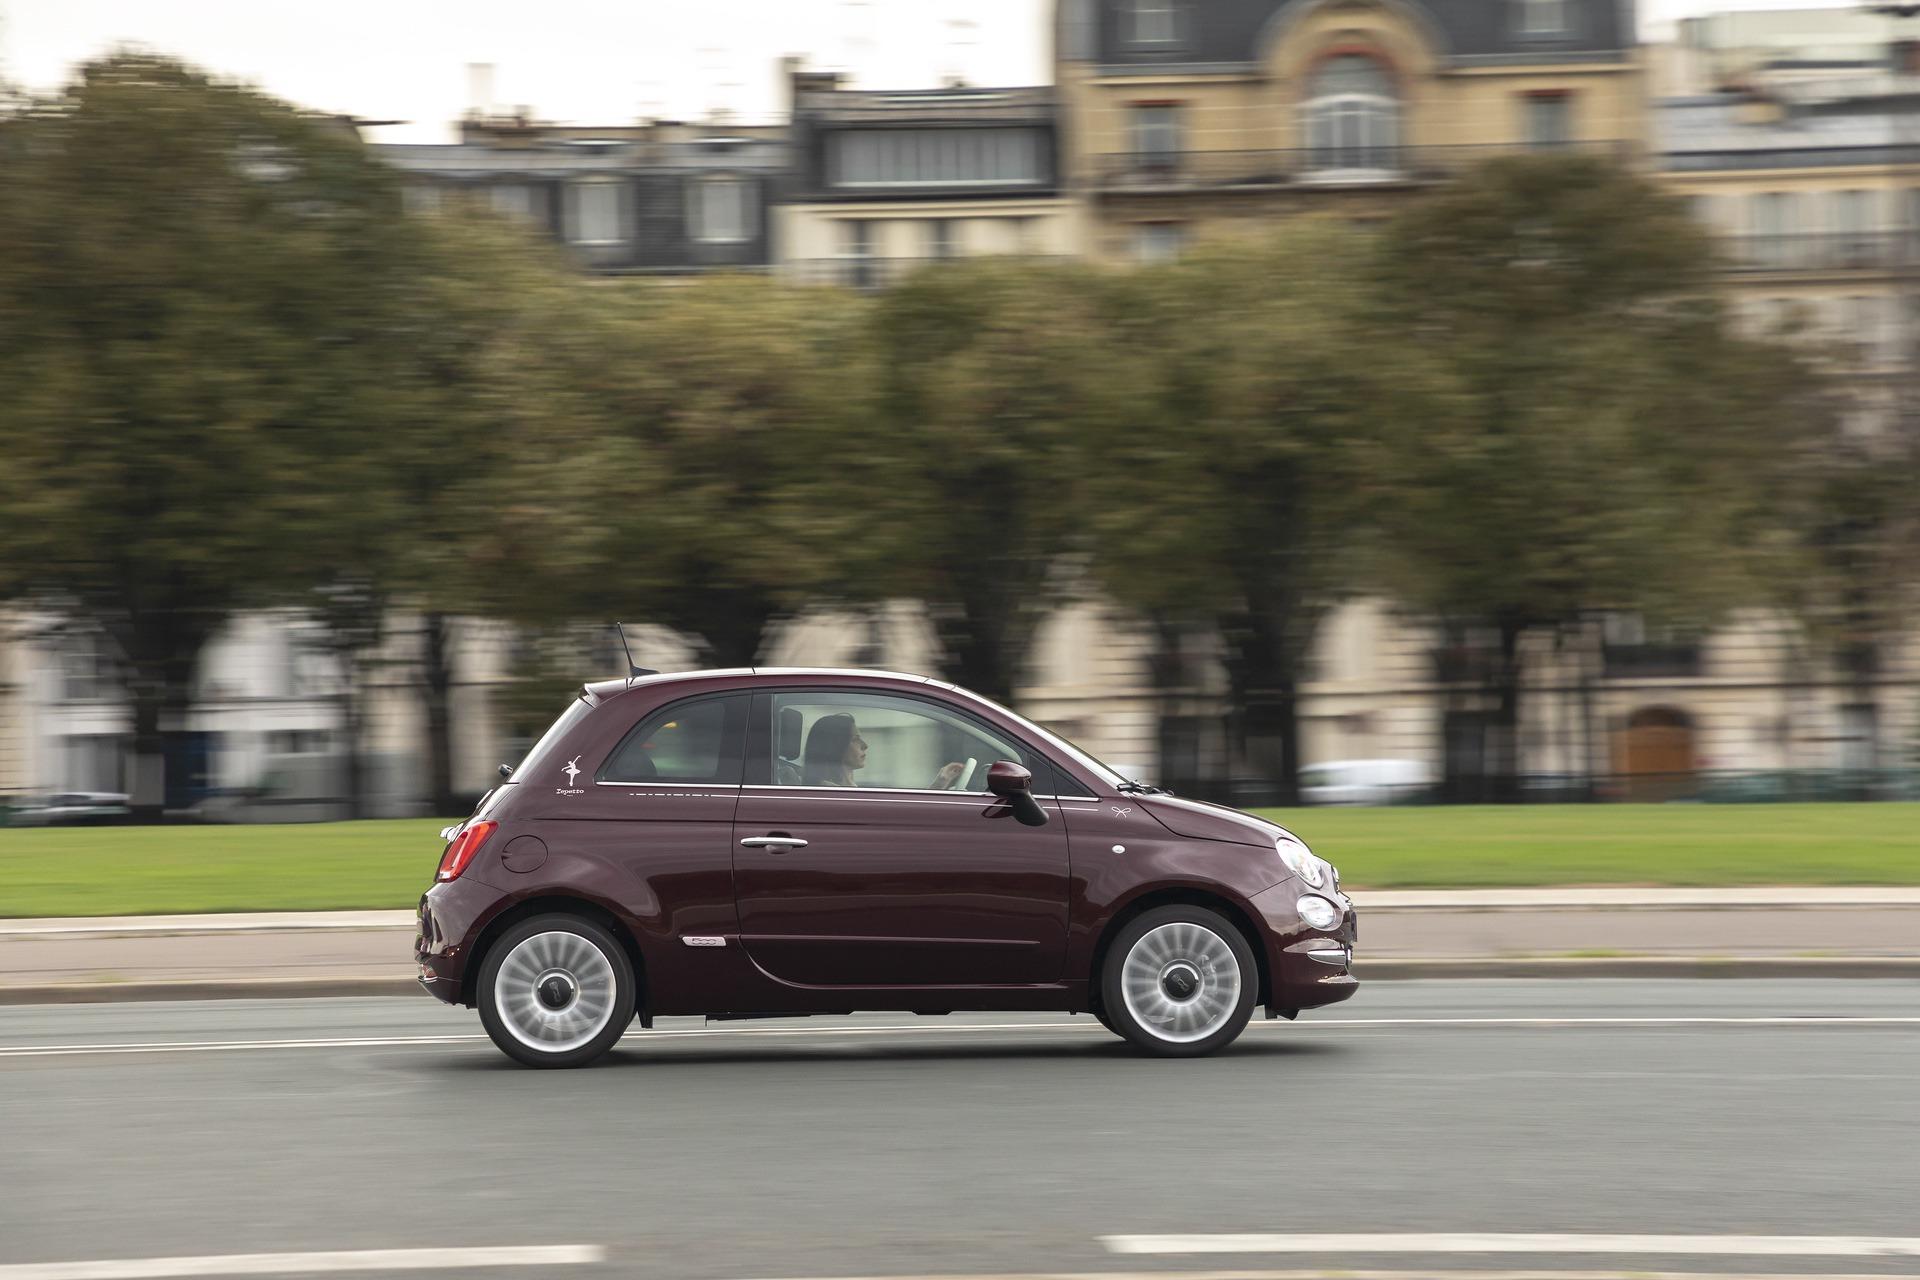 Fiat_500_Repetto_0021